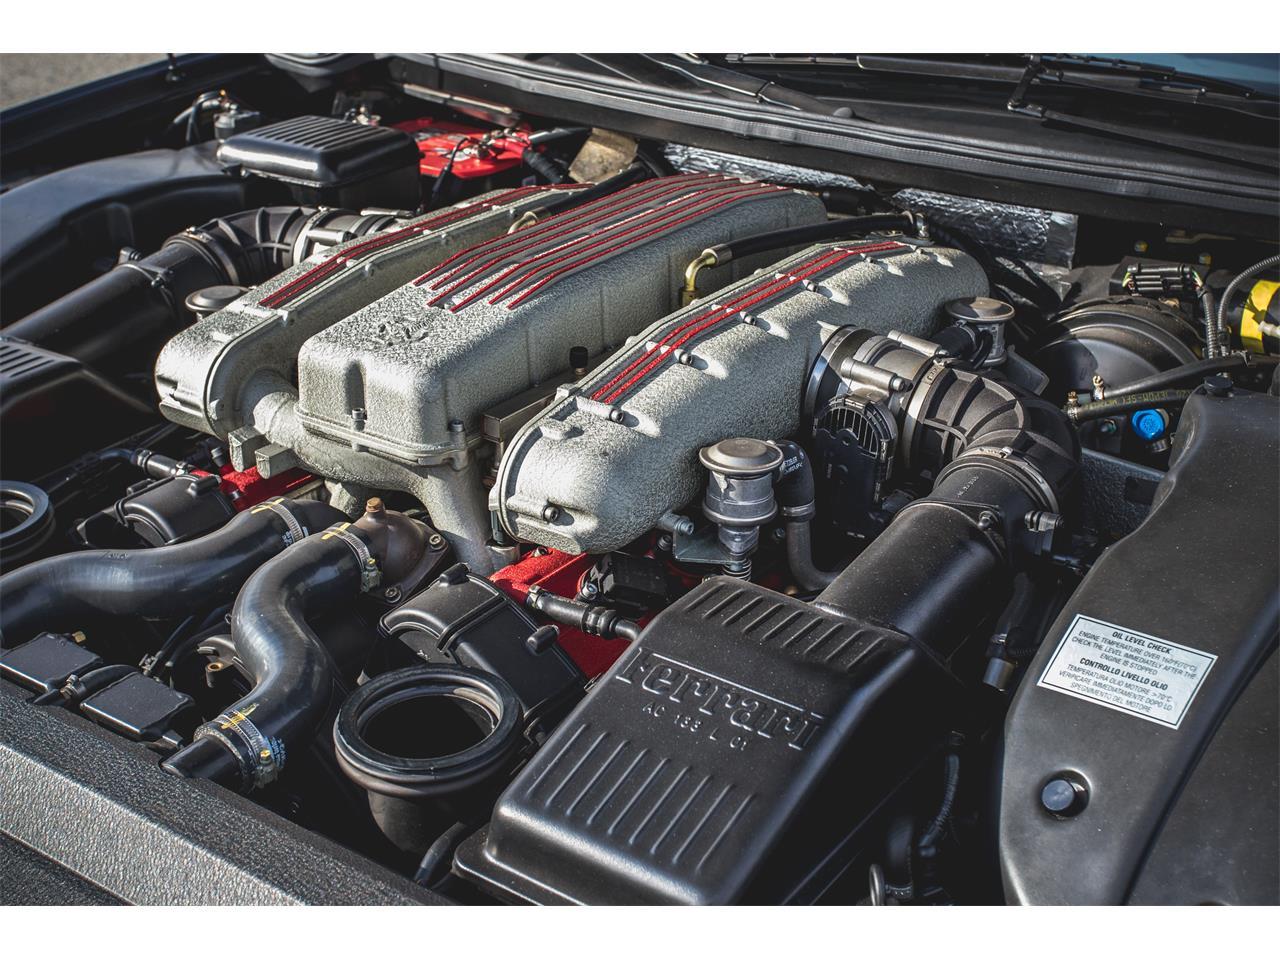 2004 Ferrari 575 M for sale in Irvine, CA / classiccarsbay.com